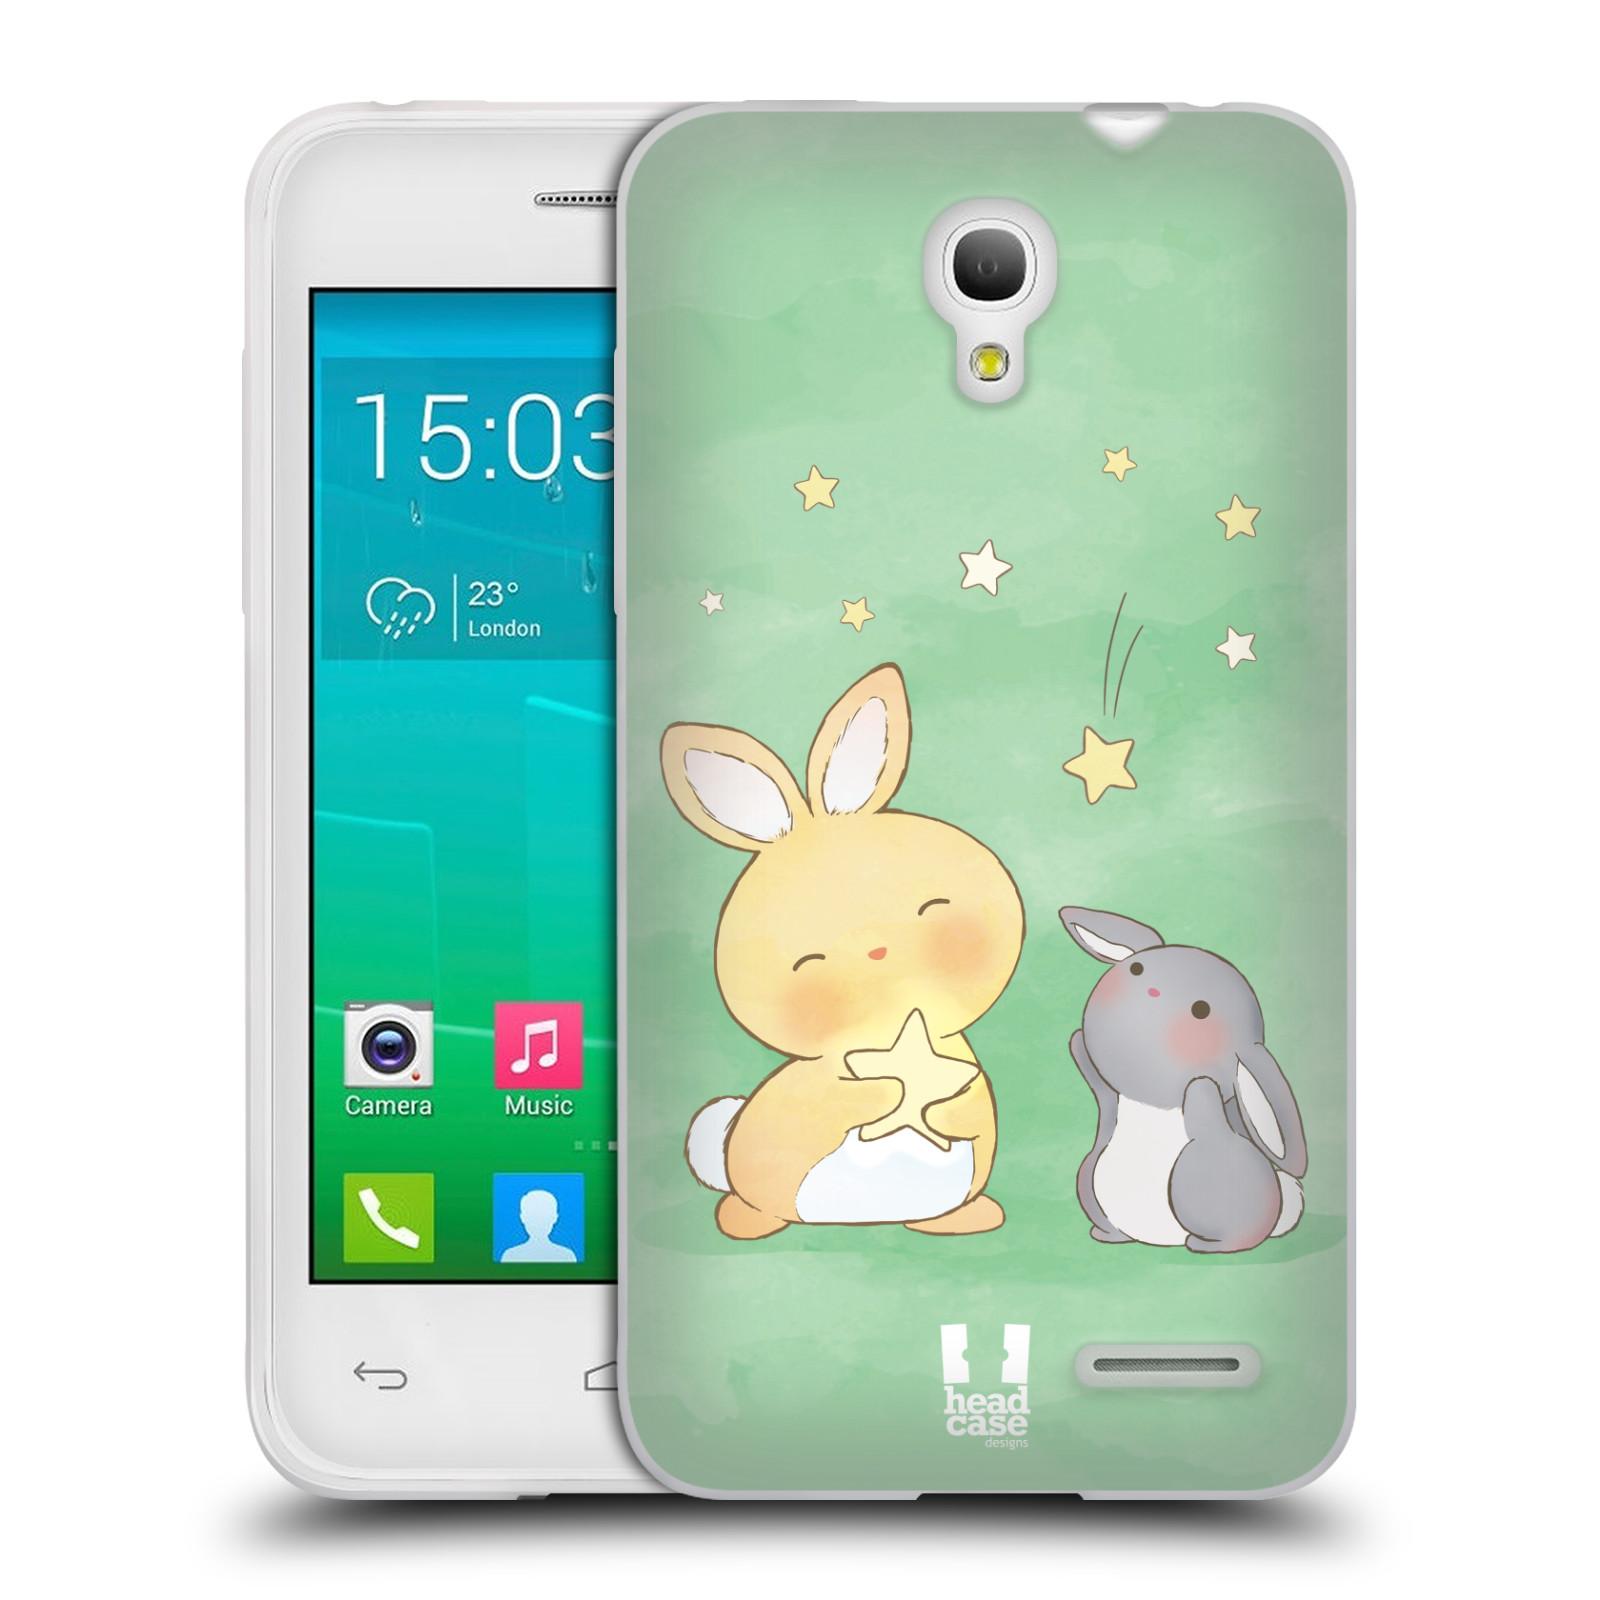 HEAD CASE silikonový obal na mobil Alcatel POP S3 OT-5050Y vzor králíček a hvězdy zelená